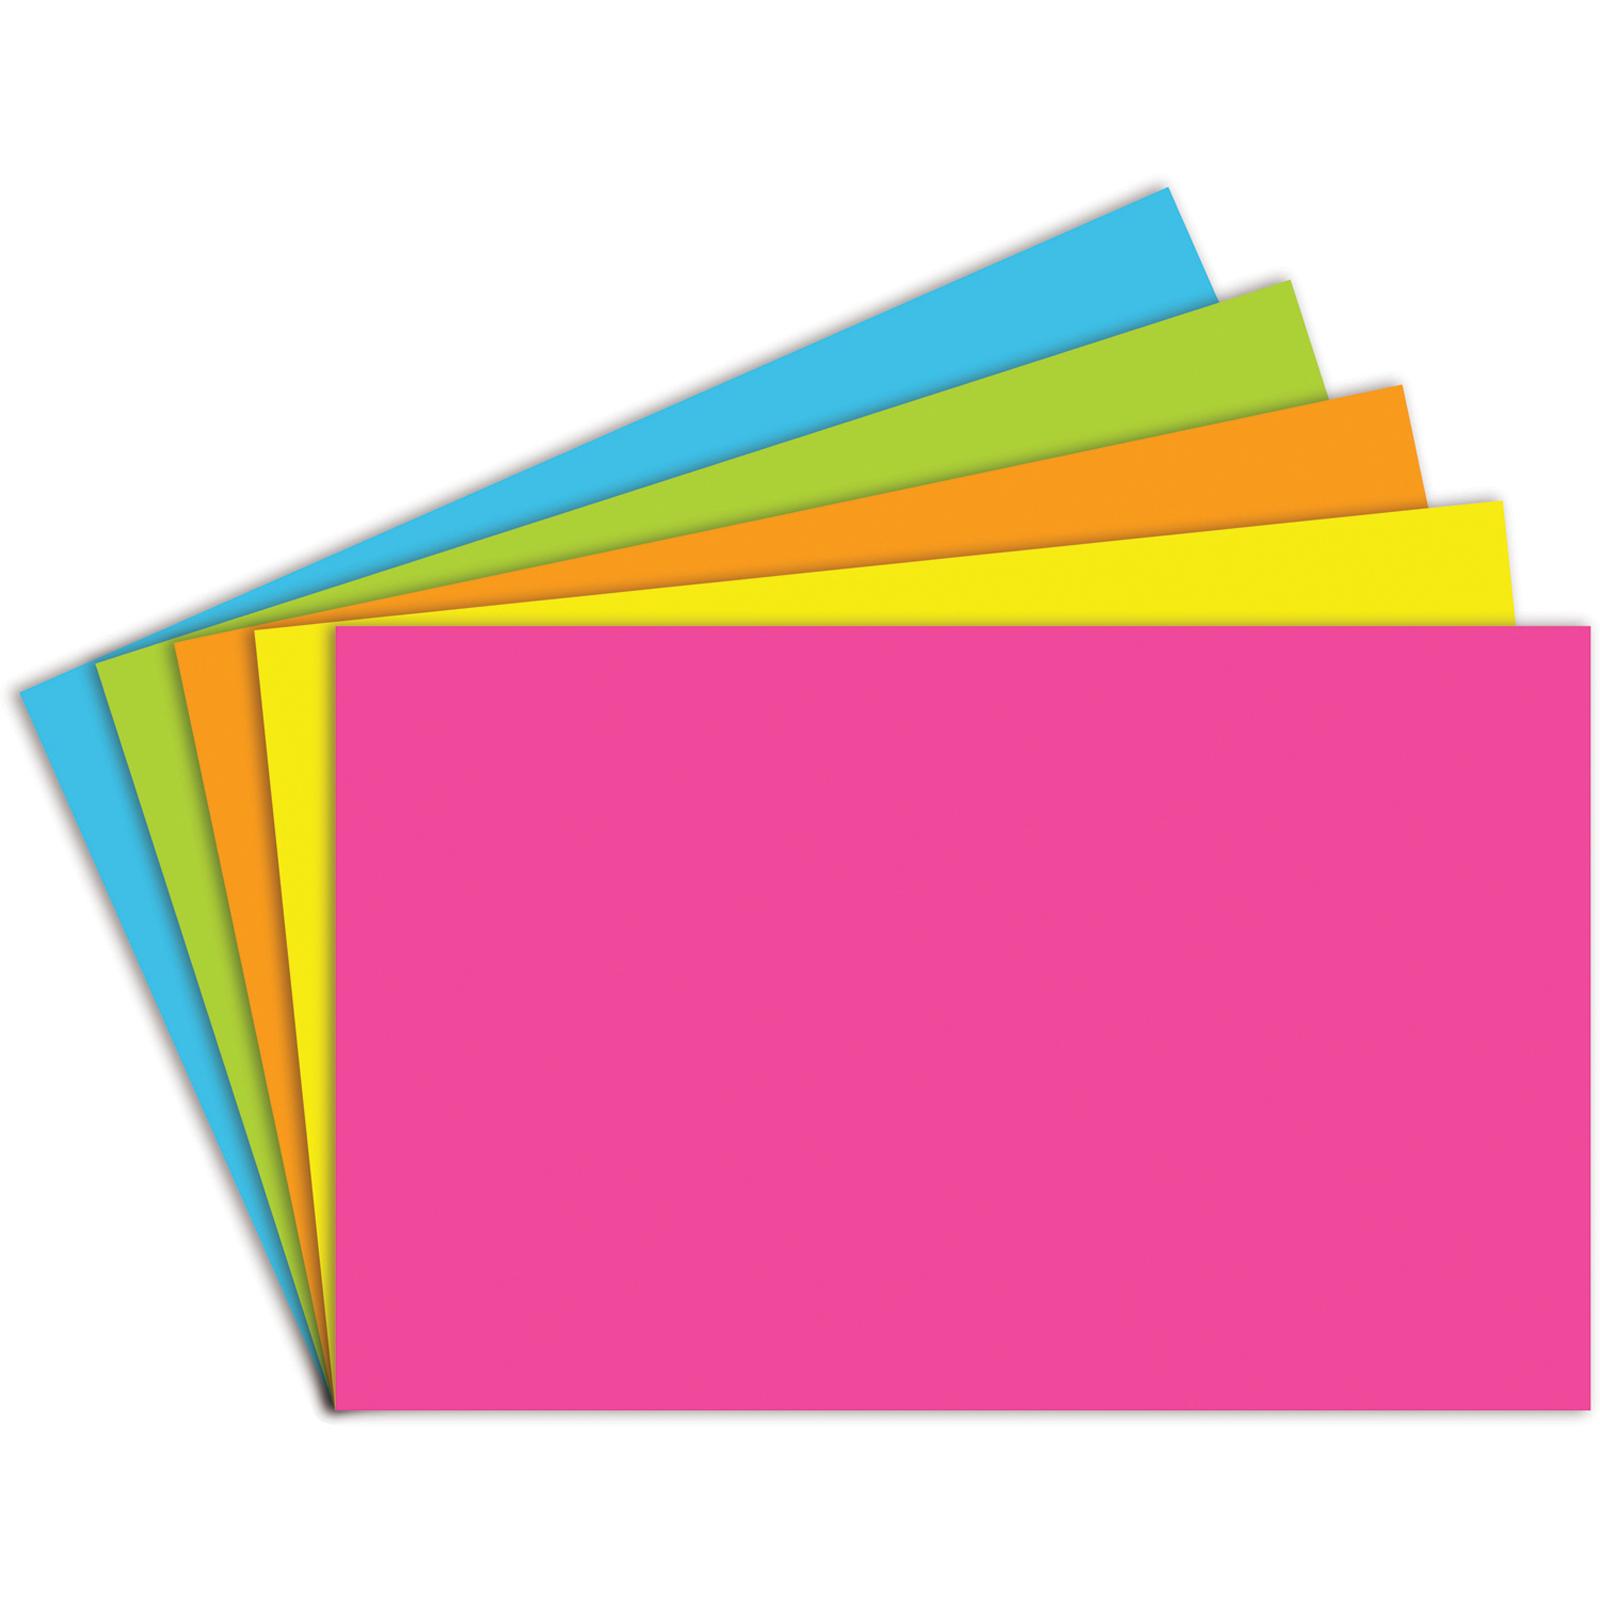 5 x 6 index cards